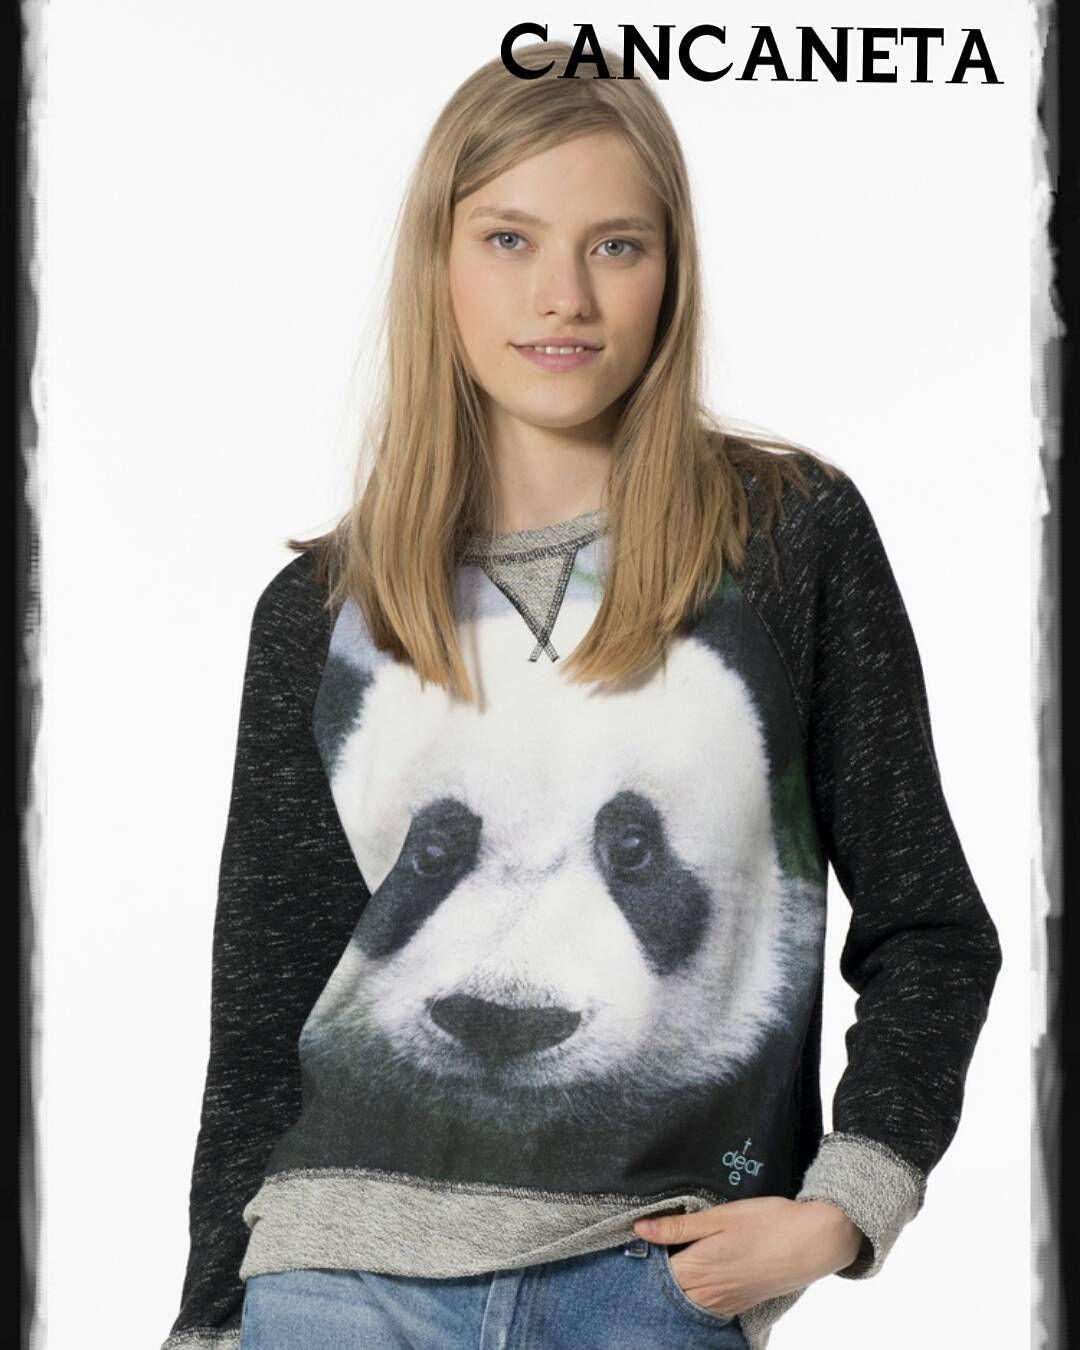 Volvemos a tener disponible la sudadera del Oso Panda que tanto os gustó!!  y con un 20% de descuento hoy y mañana por el BLACK FRIDAY!! Que tengáis buena tarde de viernes!!  #compraencruces #cancaneta #descuentos #blackfriday #oportunidades #fw2015 #cute #cuteshop #tresdíasblackfriday #trendyshop #trendyfashion #boho #bohochic by cancaneta